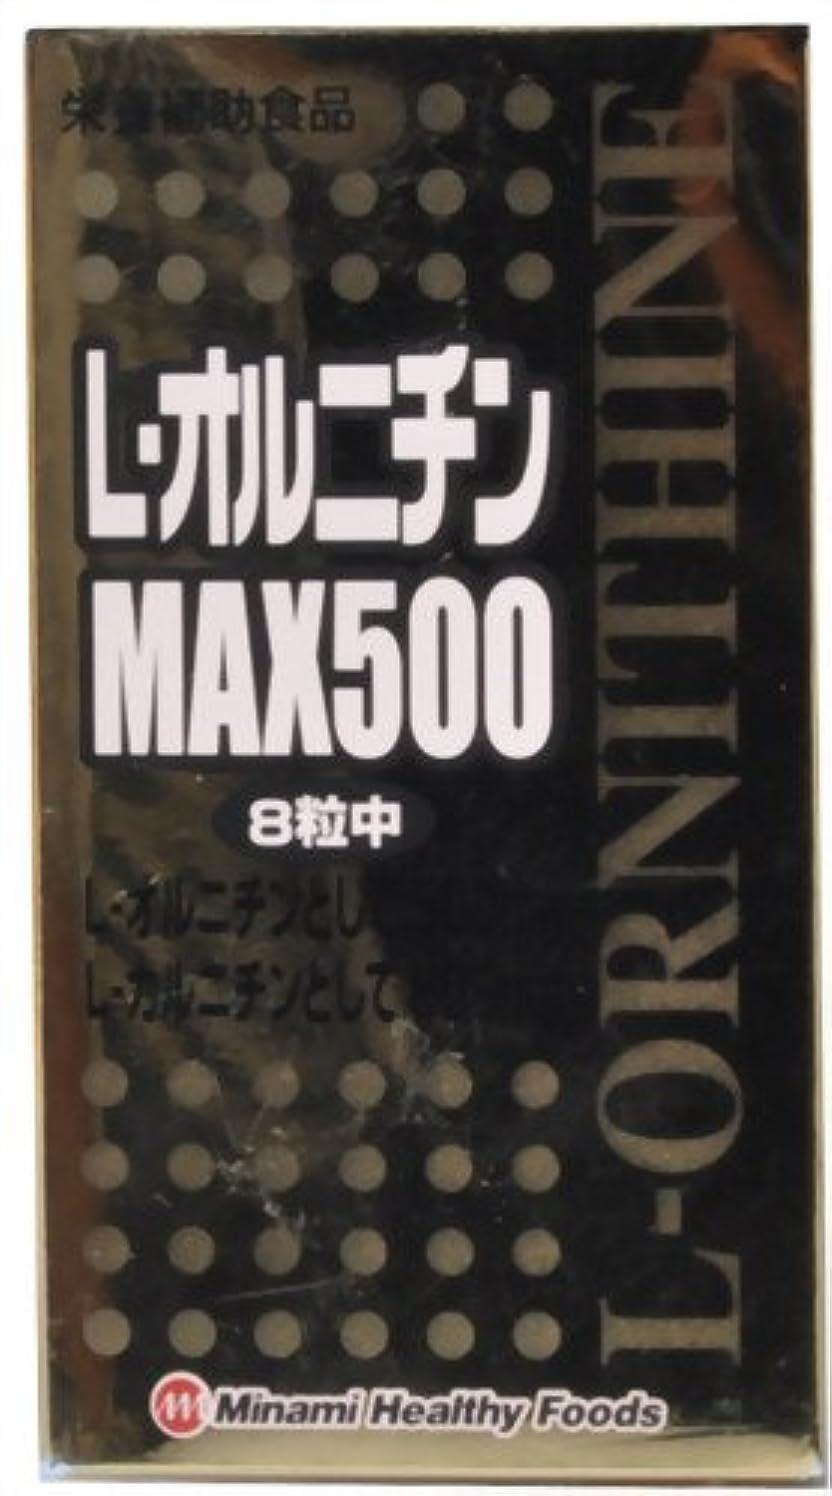 キャッチ吸収する現金L-オルニチン MAX 500 240粒入 約30日分